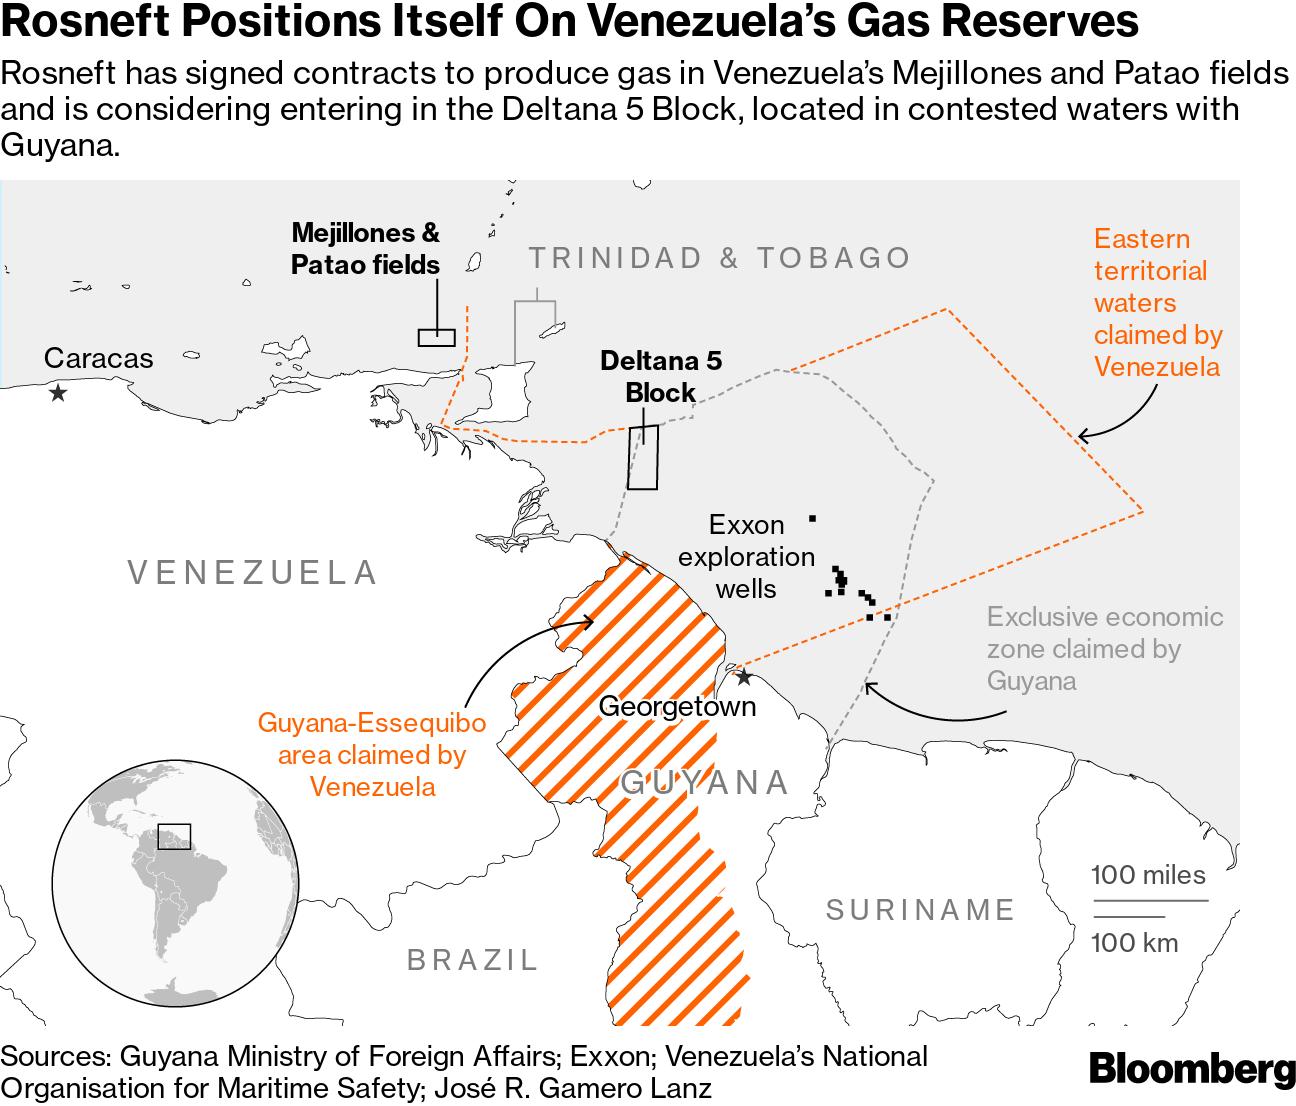 Resultado de imagen para Venezuela Bloque Deltana 5